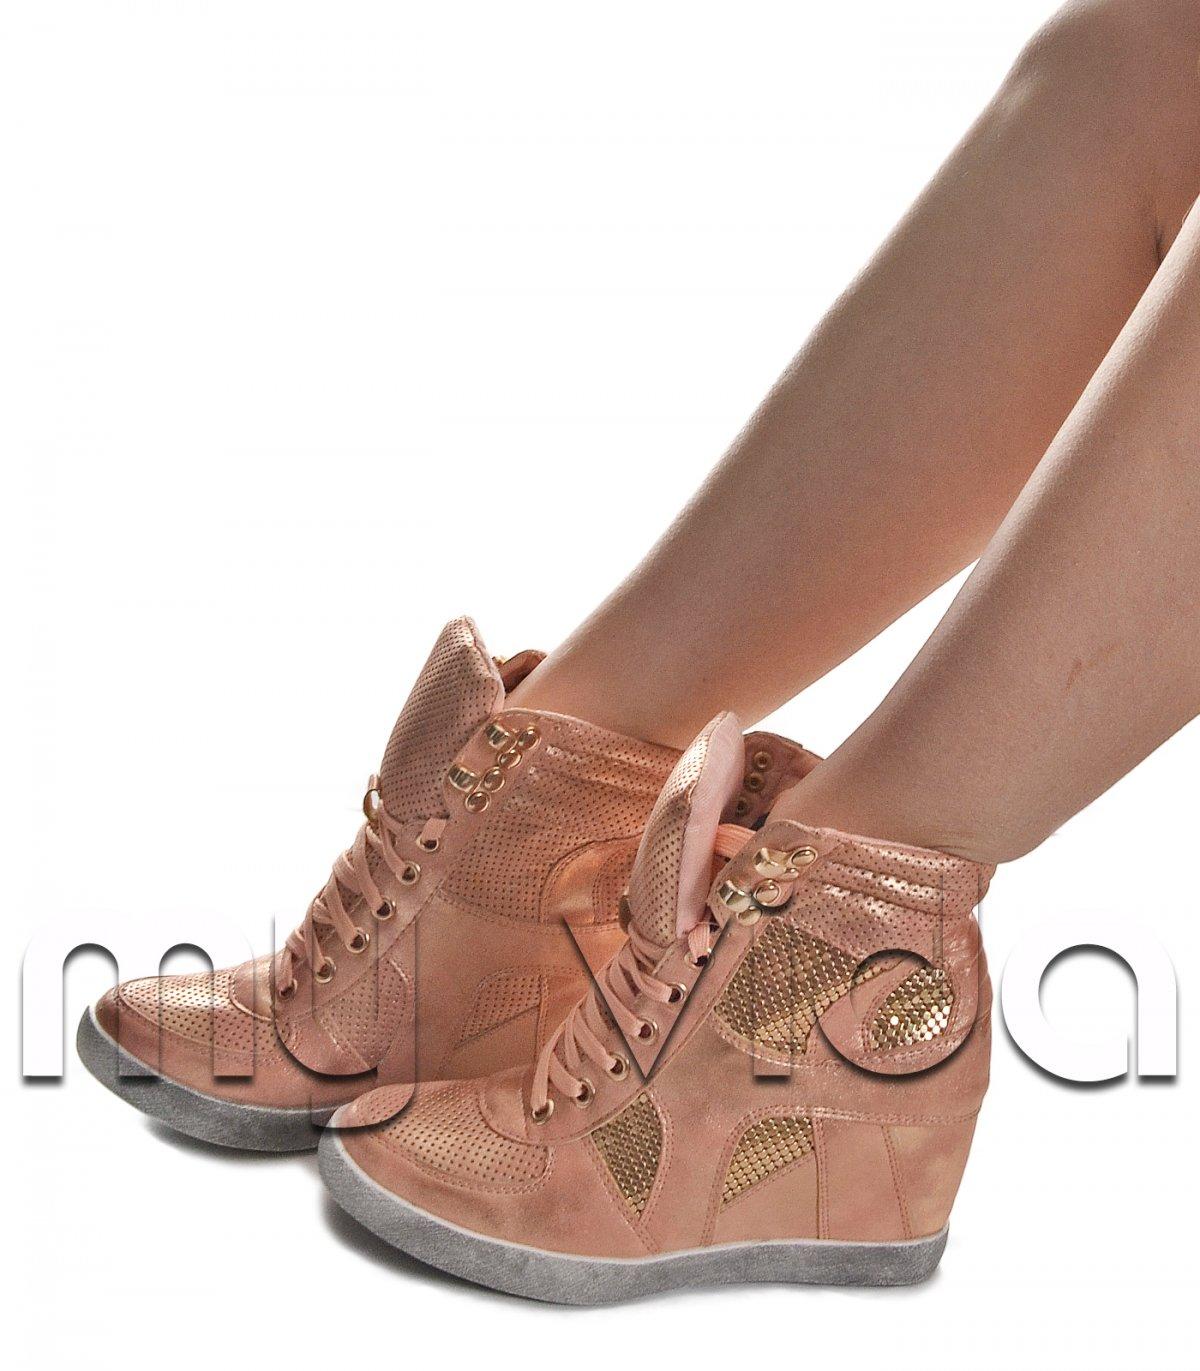 venduto in tutto il mondo bambino guarda bene le scarpe in vendita Sneakers alte con zeppa interna | My Vida